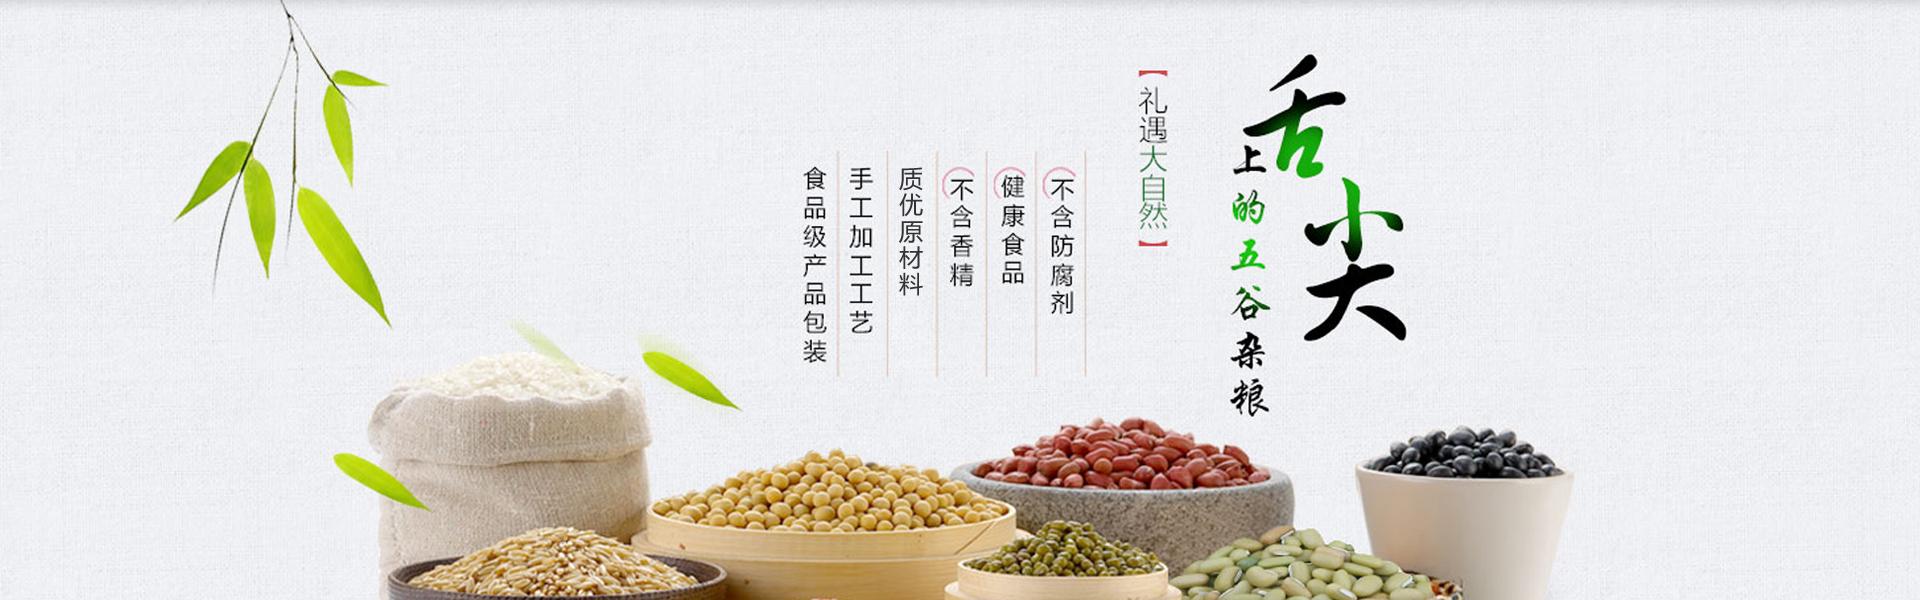 绿色燕麦米